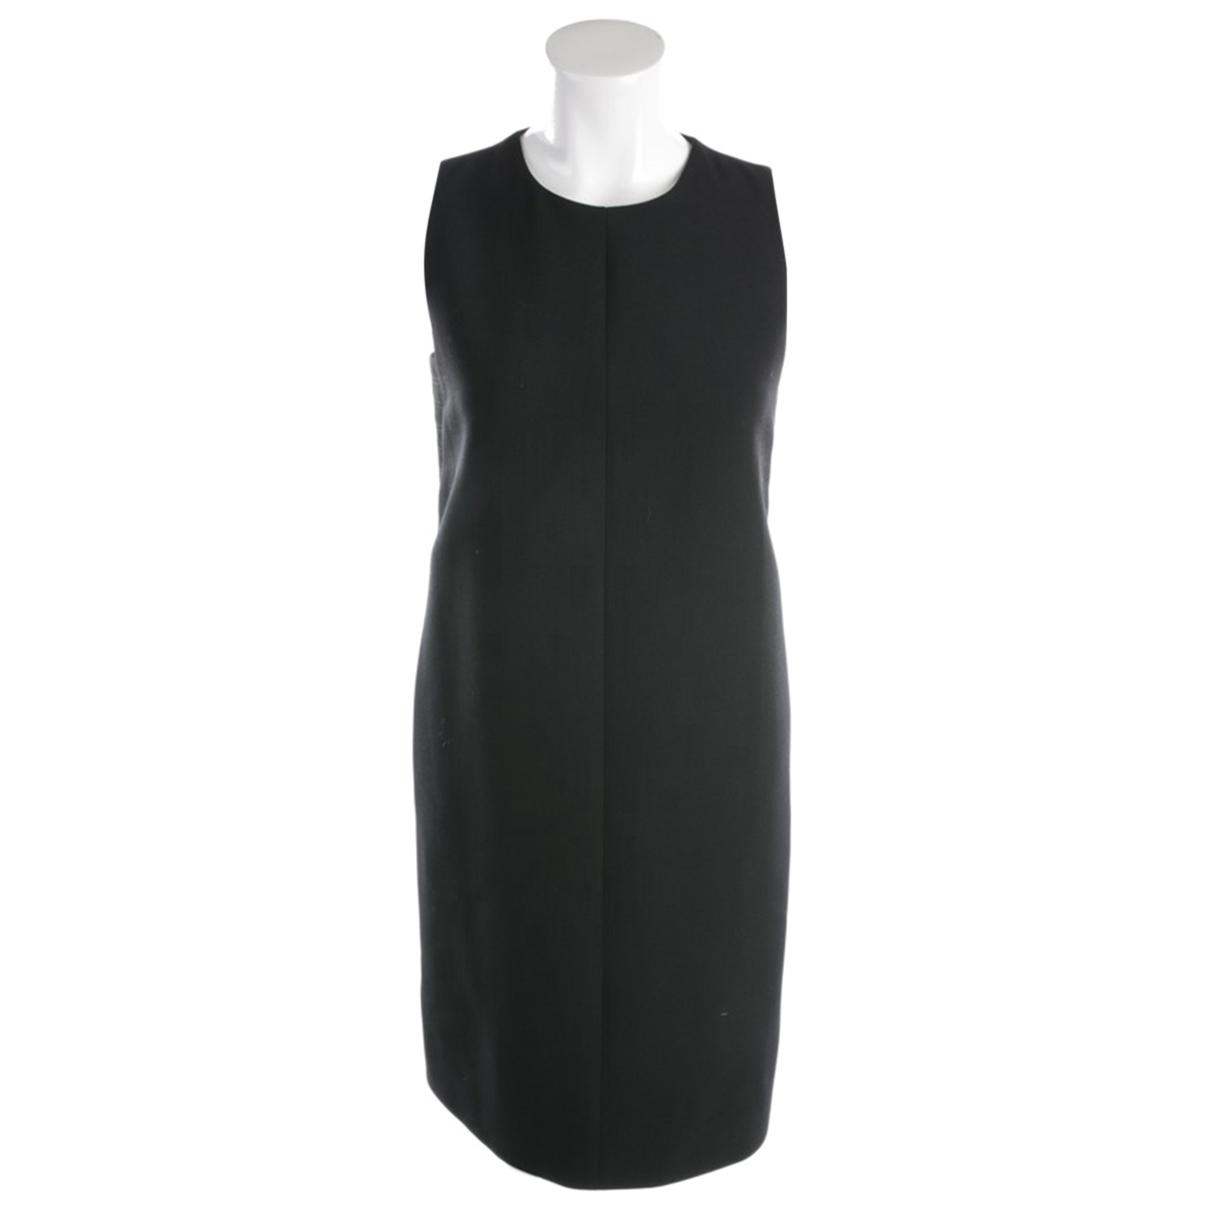 Victoria Beckham \N Kleid in  Schwarz Synthetik